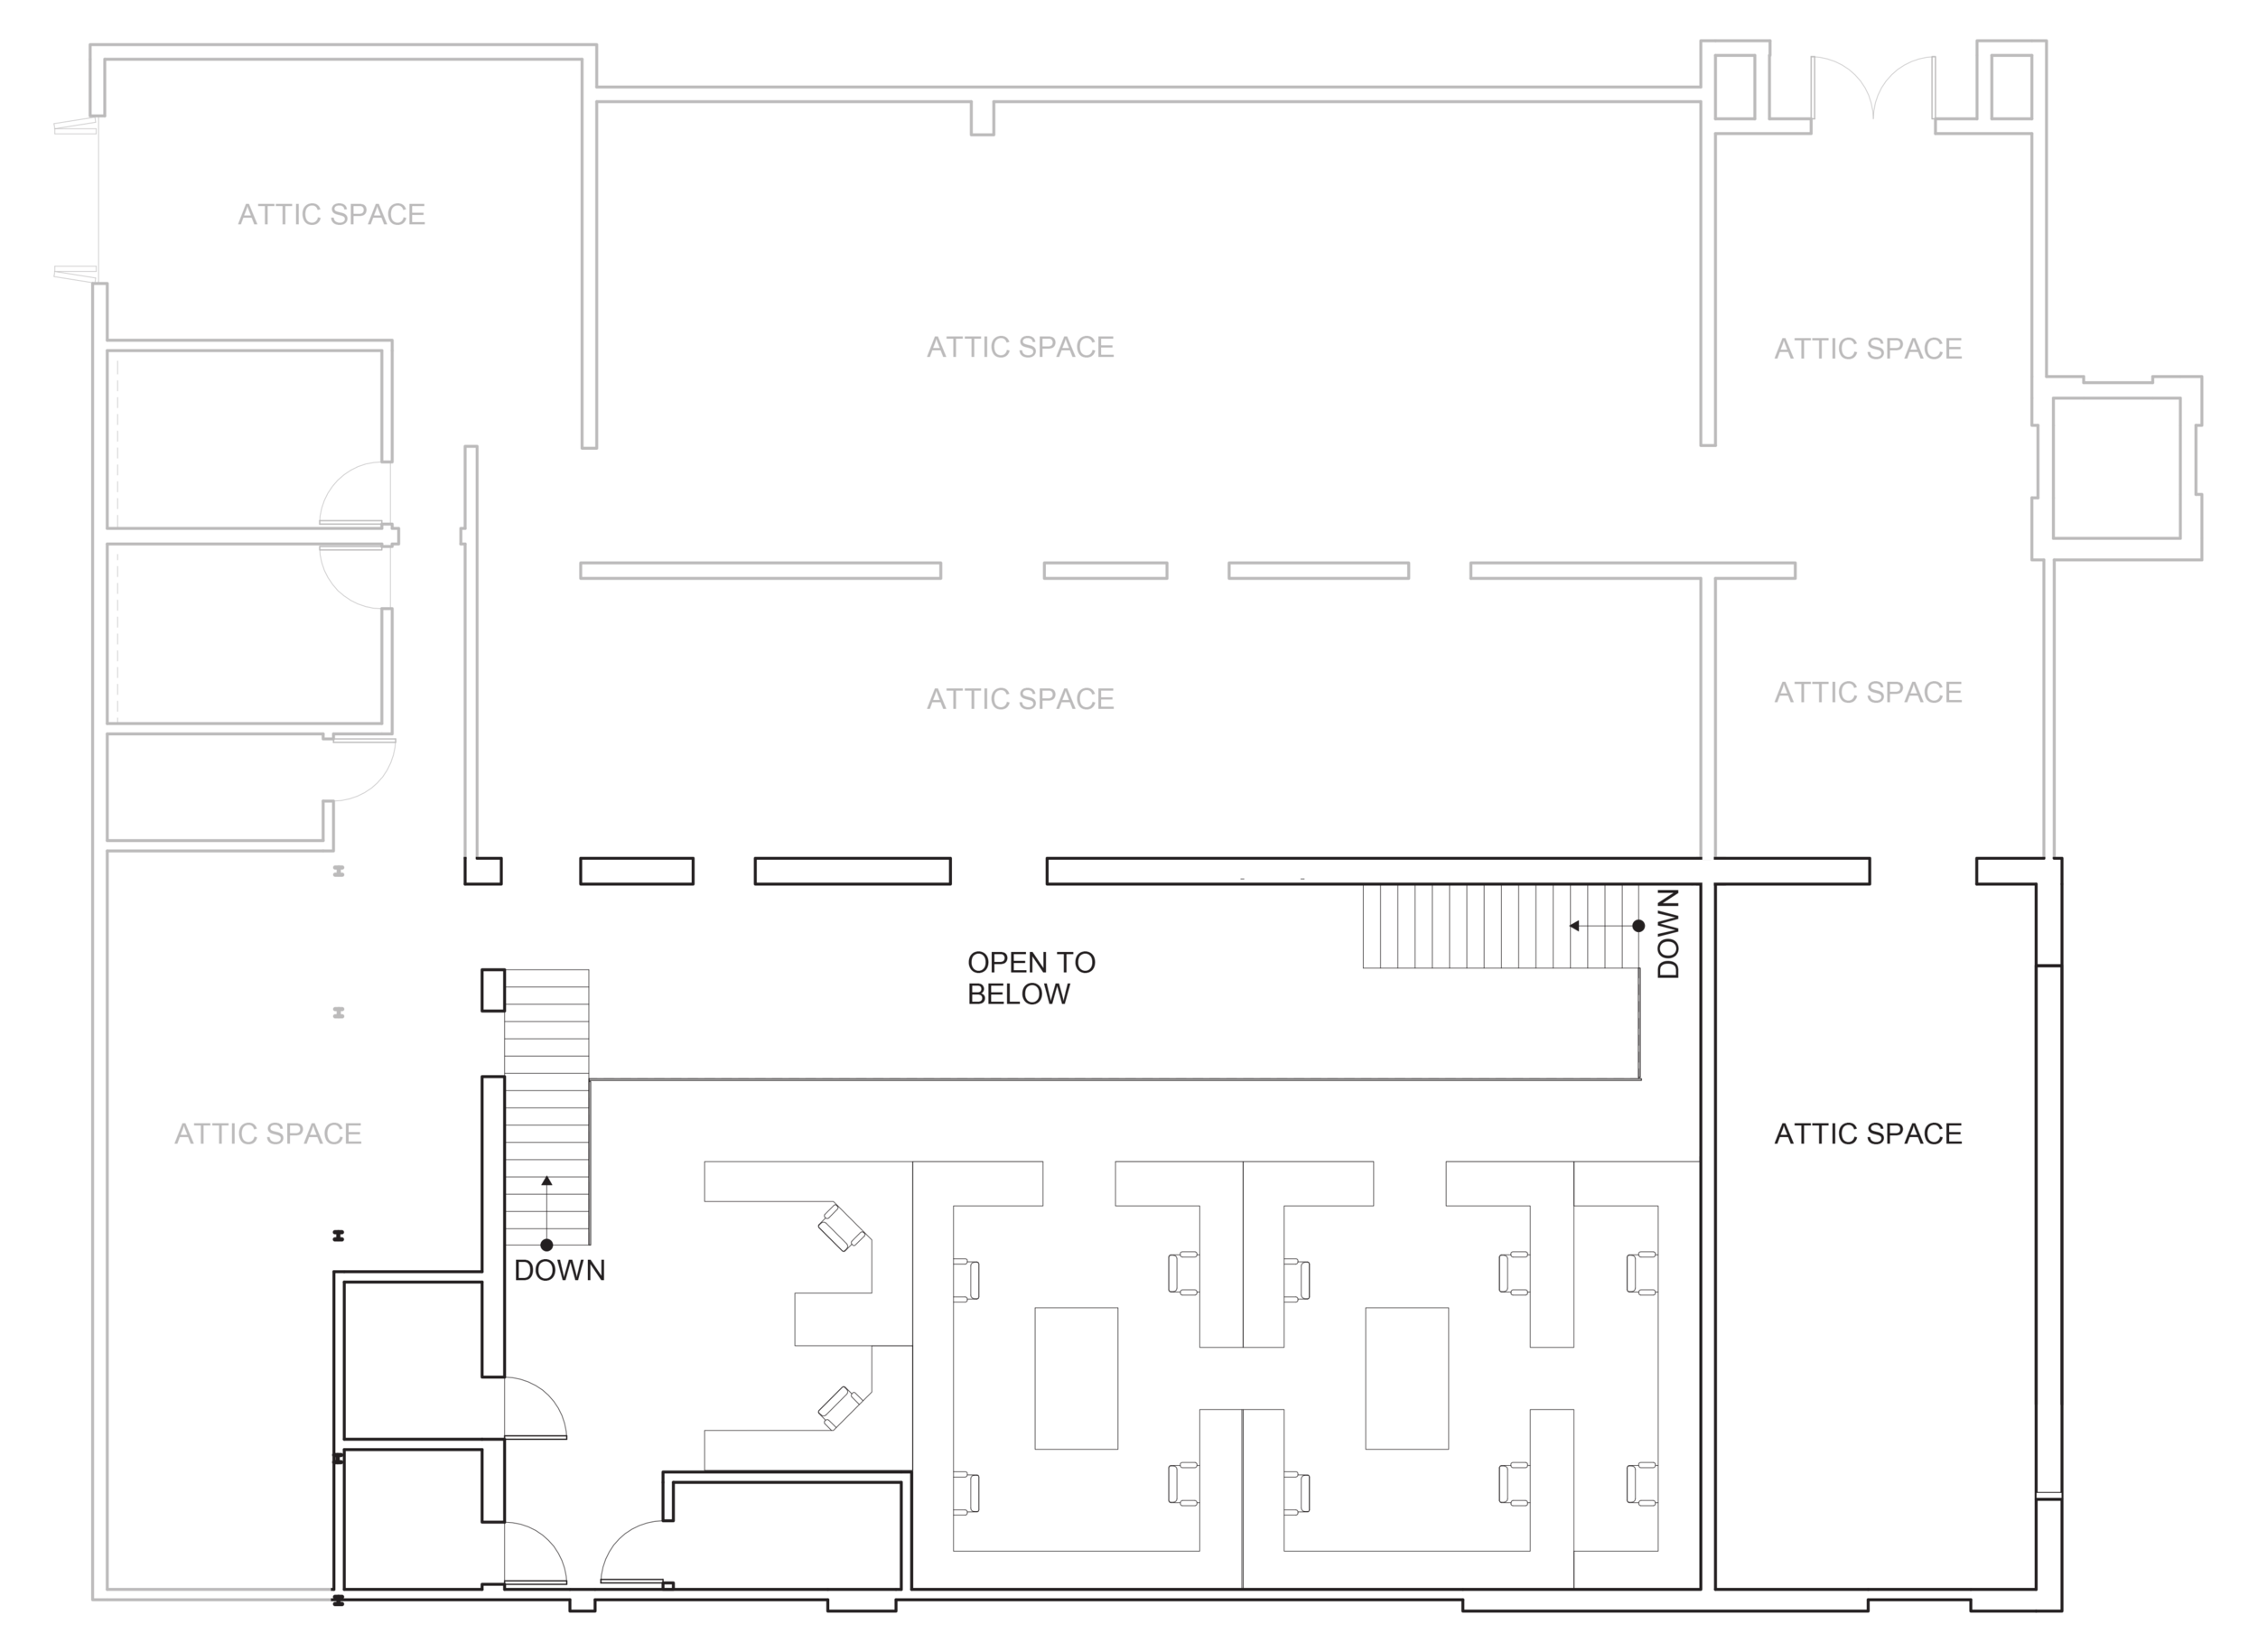 Level 2 - Mezzanine